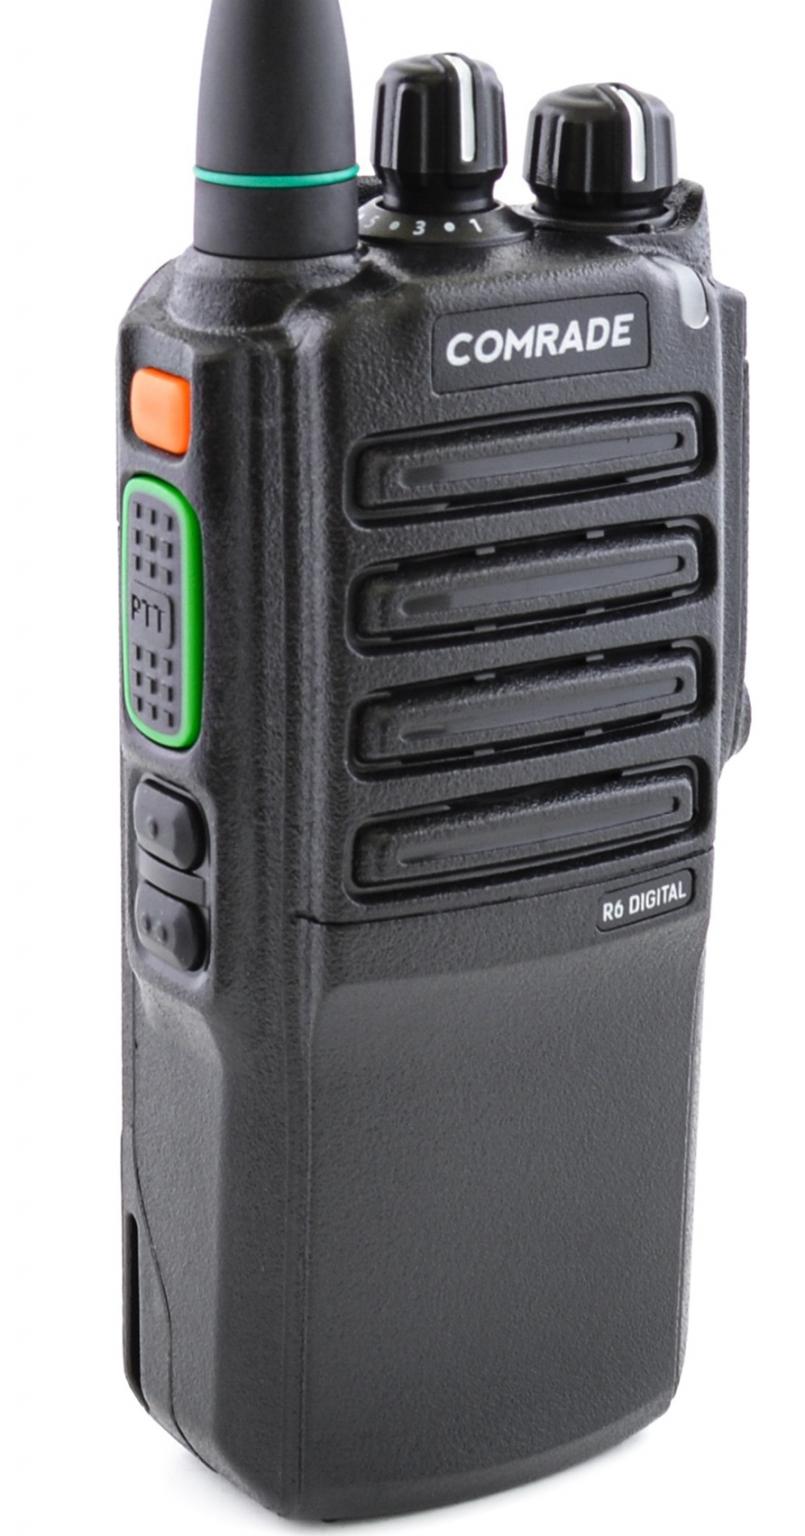 Рация COMRADE R6 DIGITAL (Официальный дилер в России)